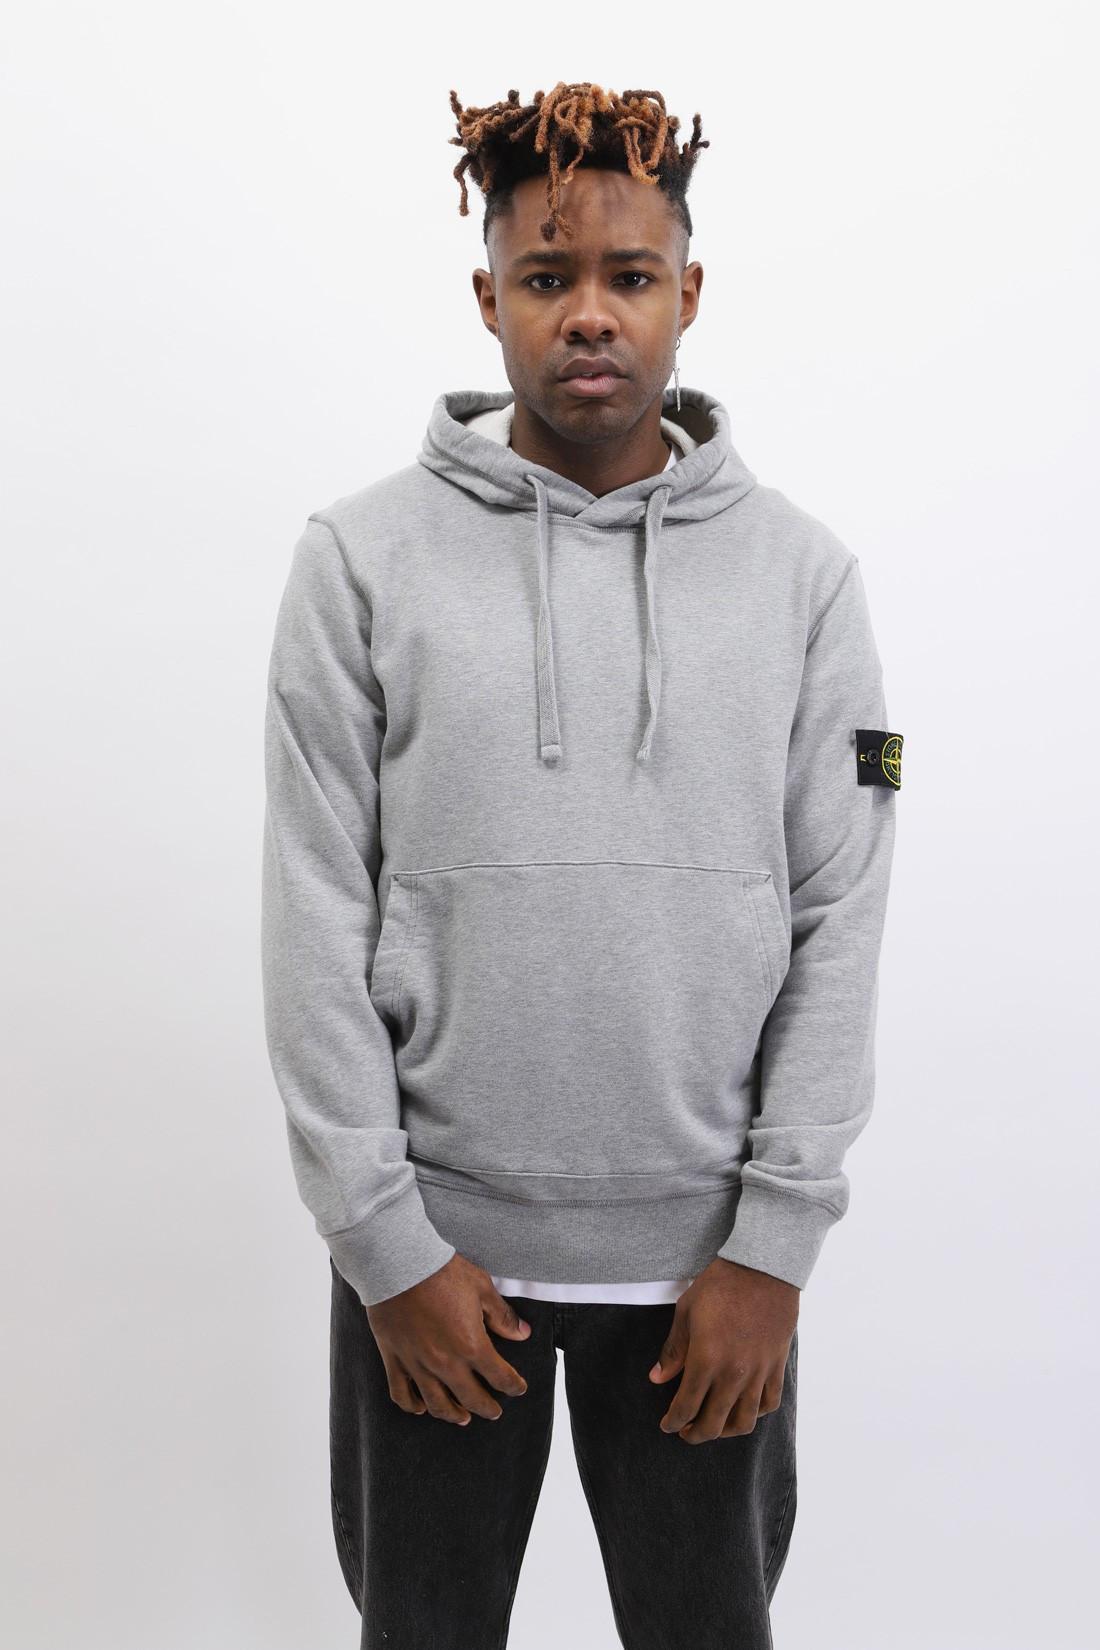 STONE ISLAND / 64151 hooded sweater v0m64 Polvere melange